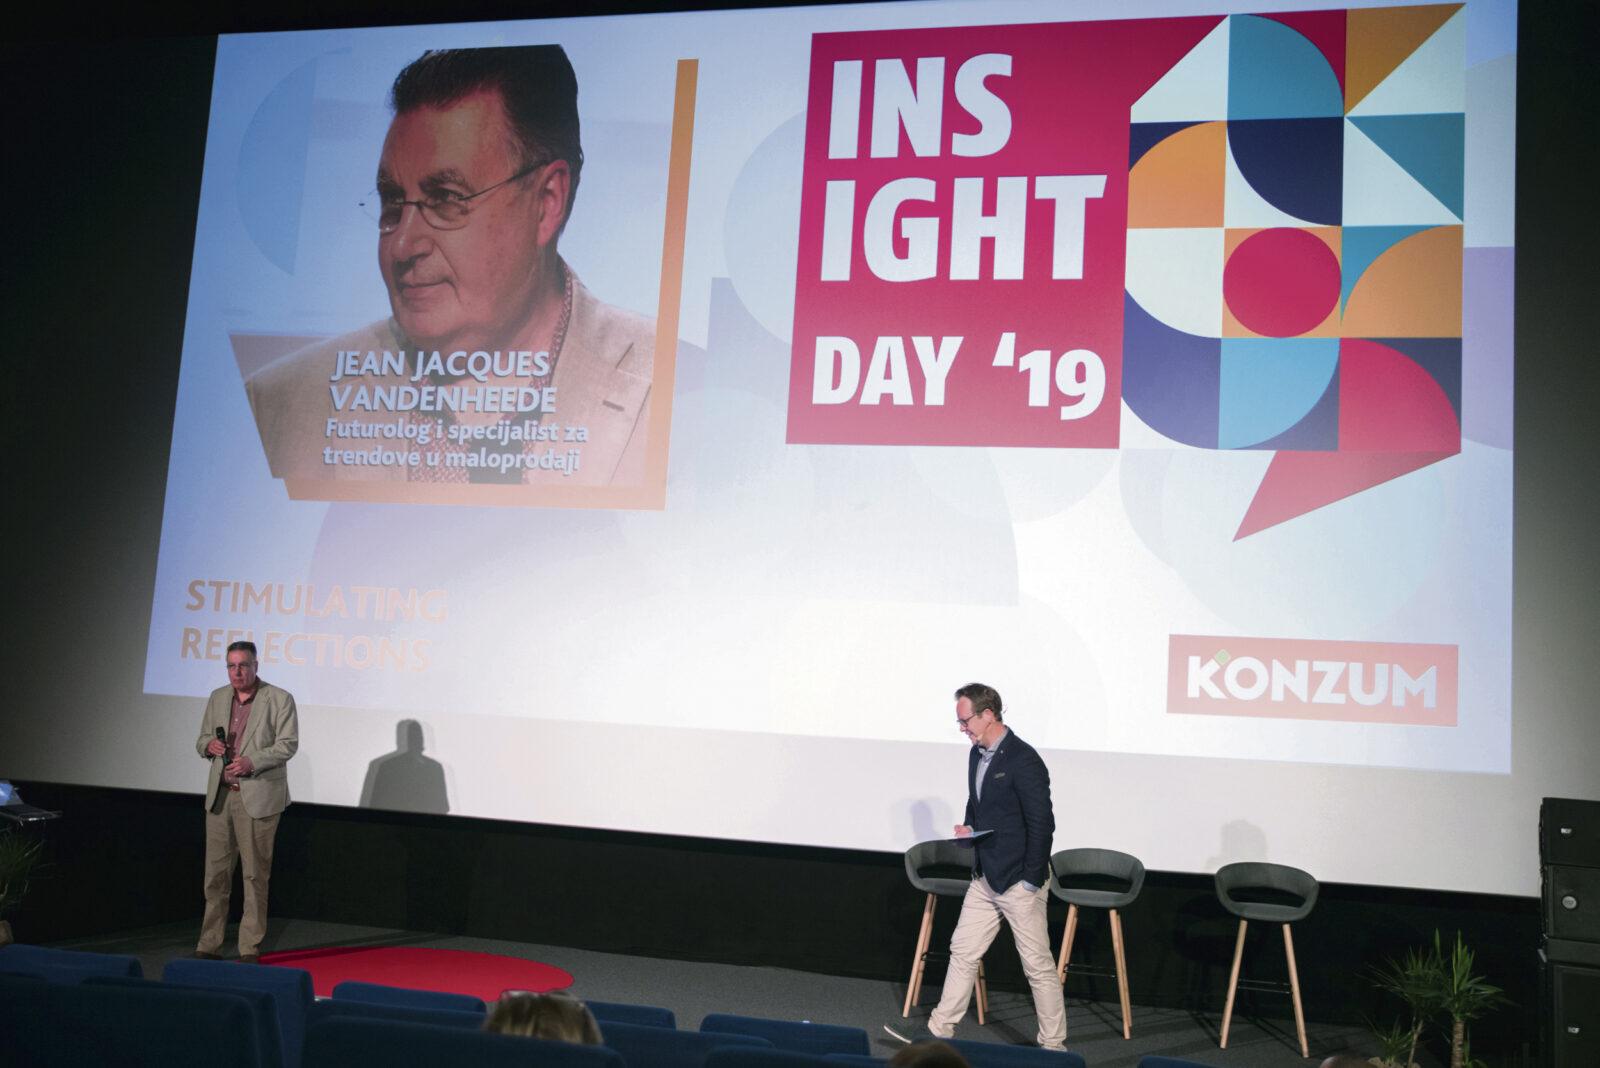 Jean Jacques Vandenheede, futurolog i specijalist za trendove u maloprodaji